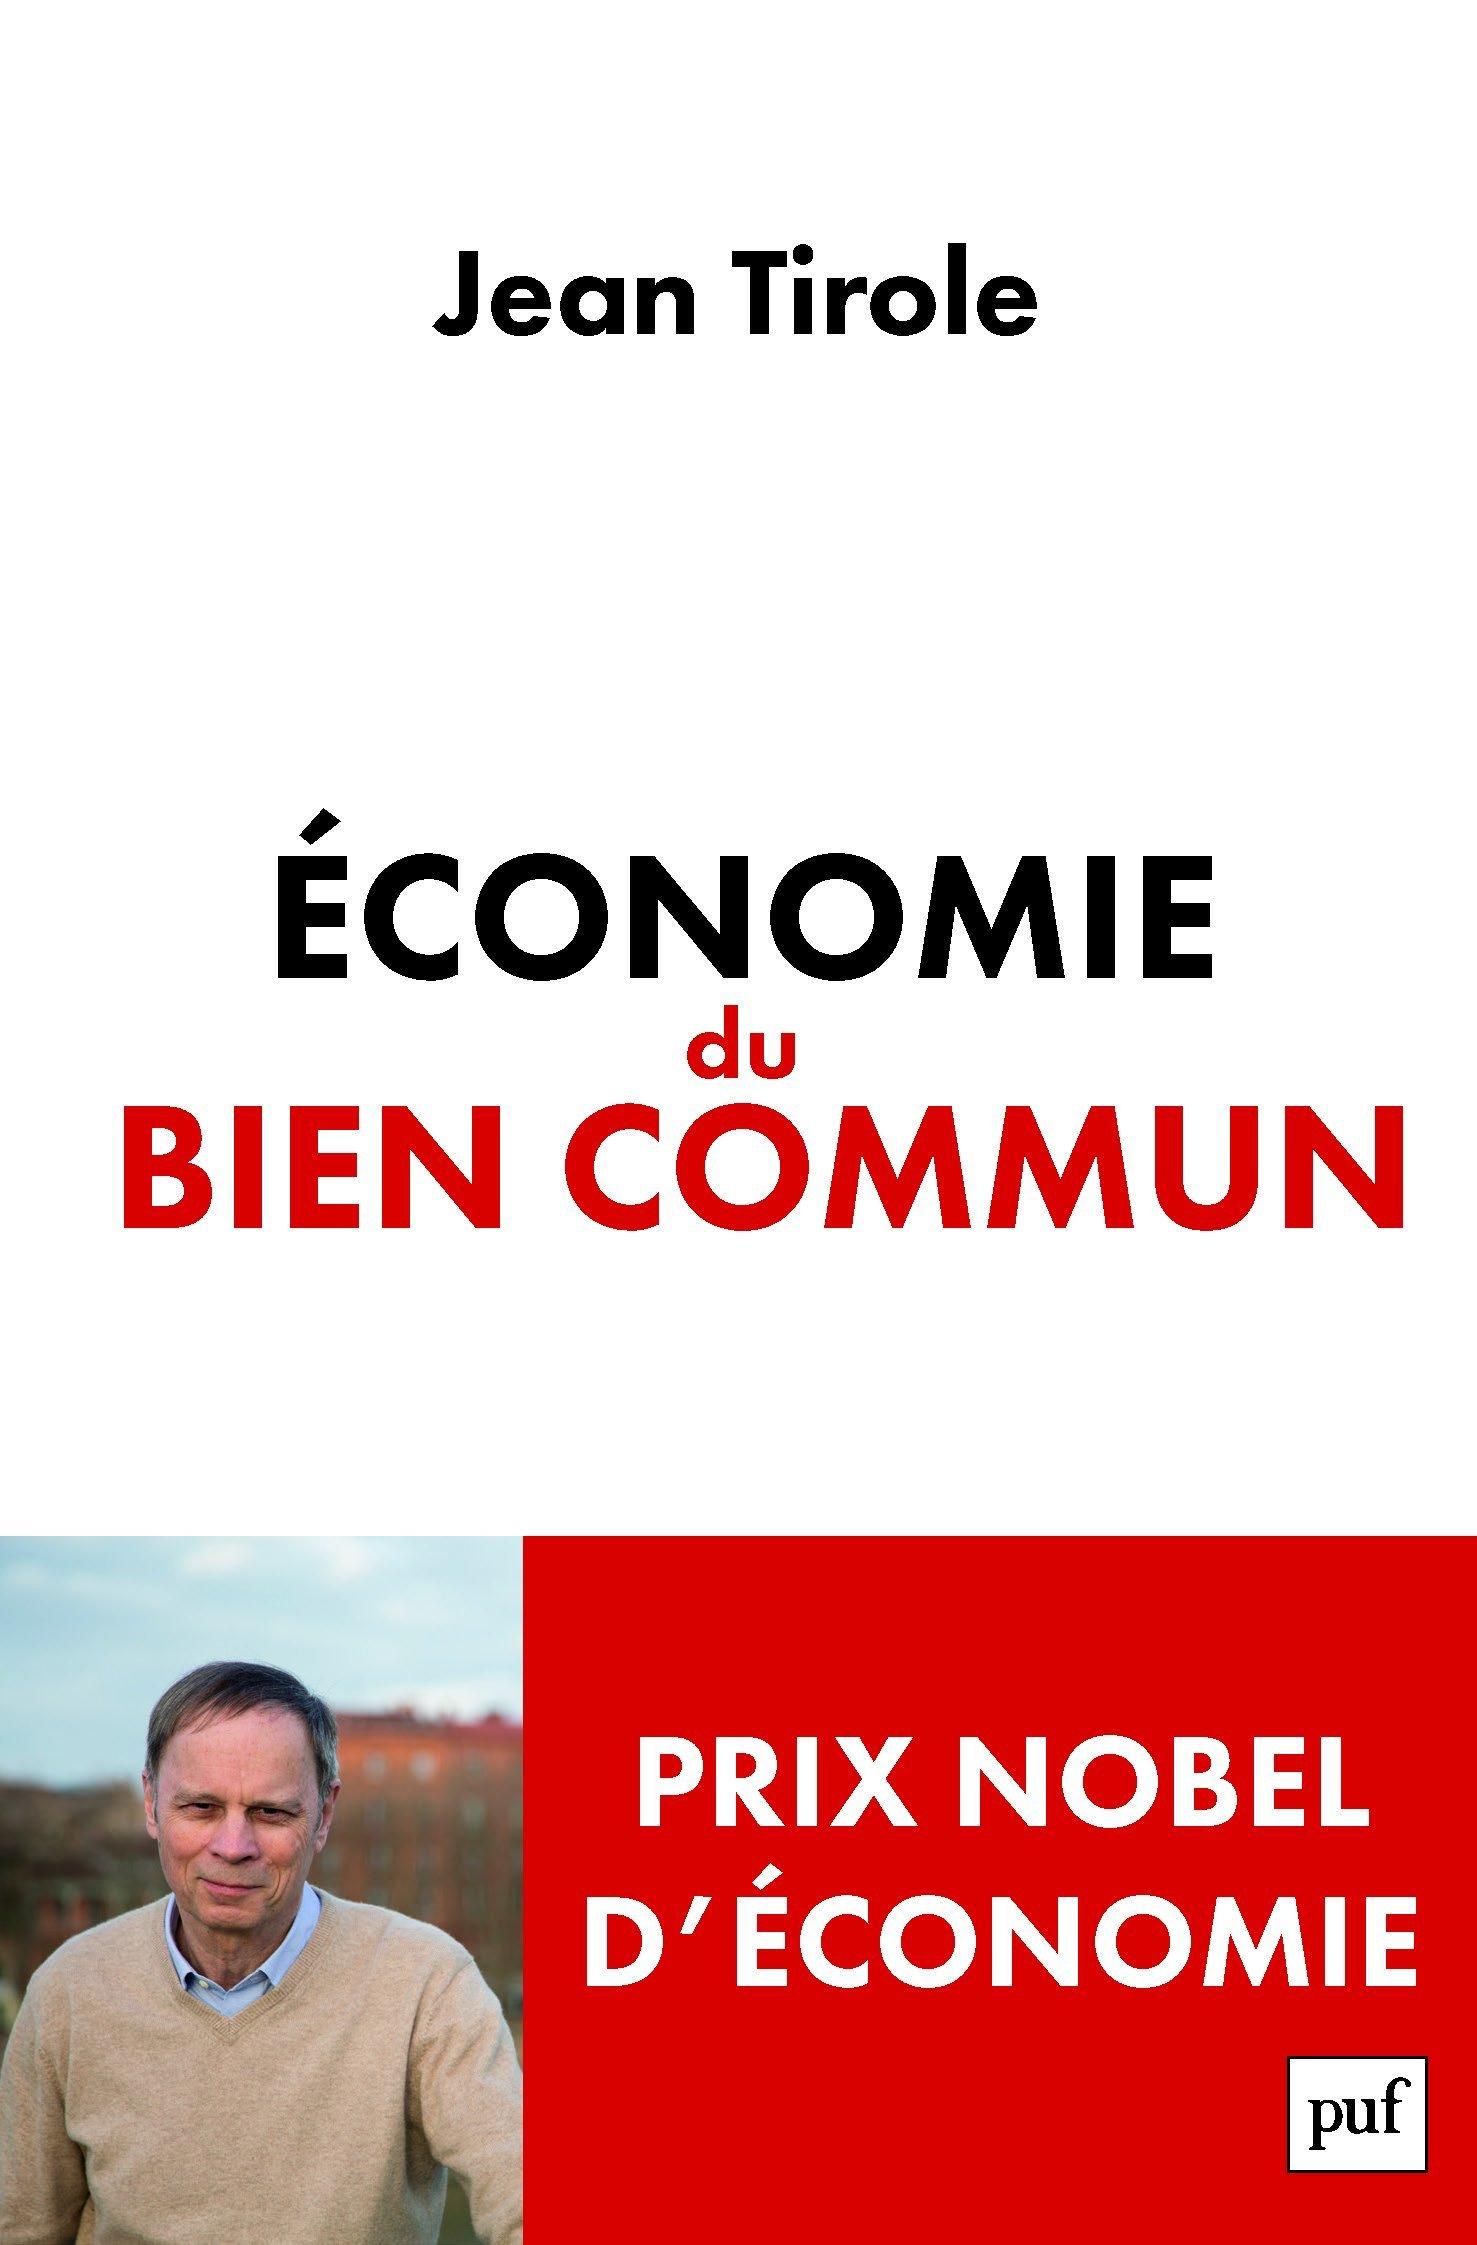 Économie du bien commun Broché – 11 mai 2016 Jean Tirole 2130729967 Sciences Essais économie